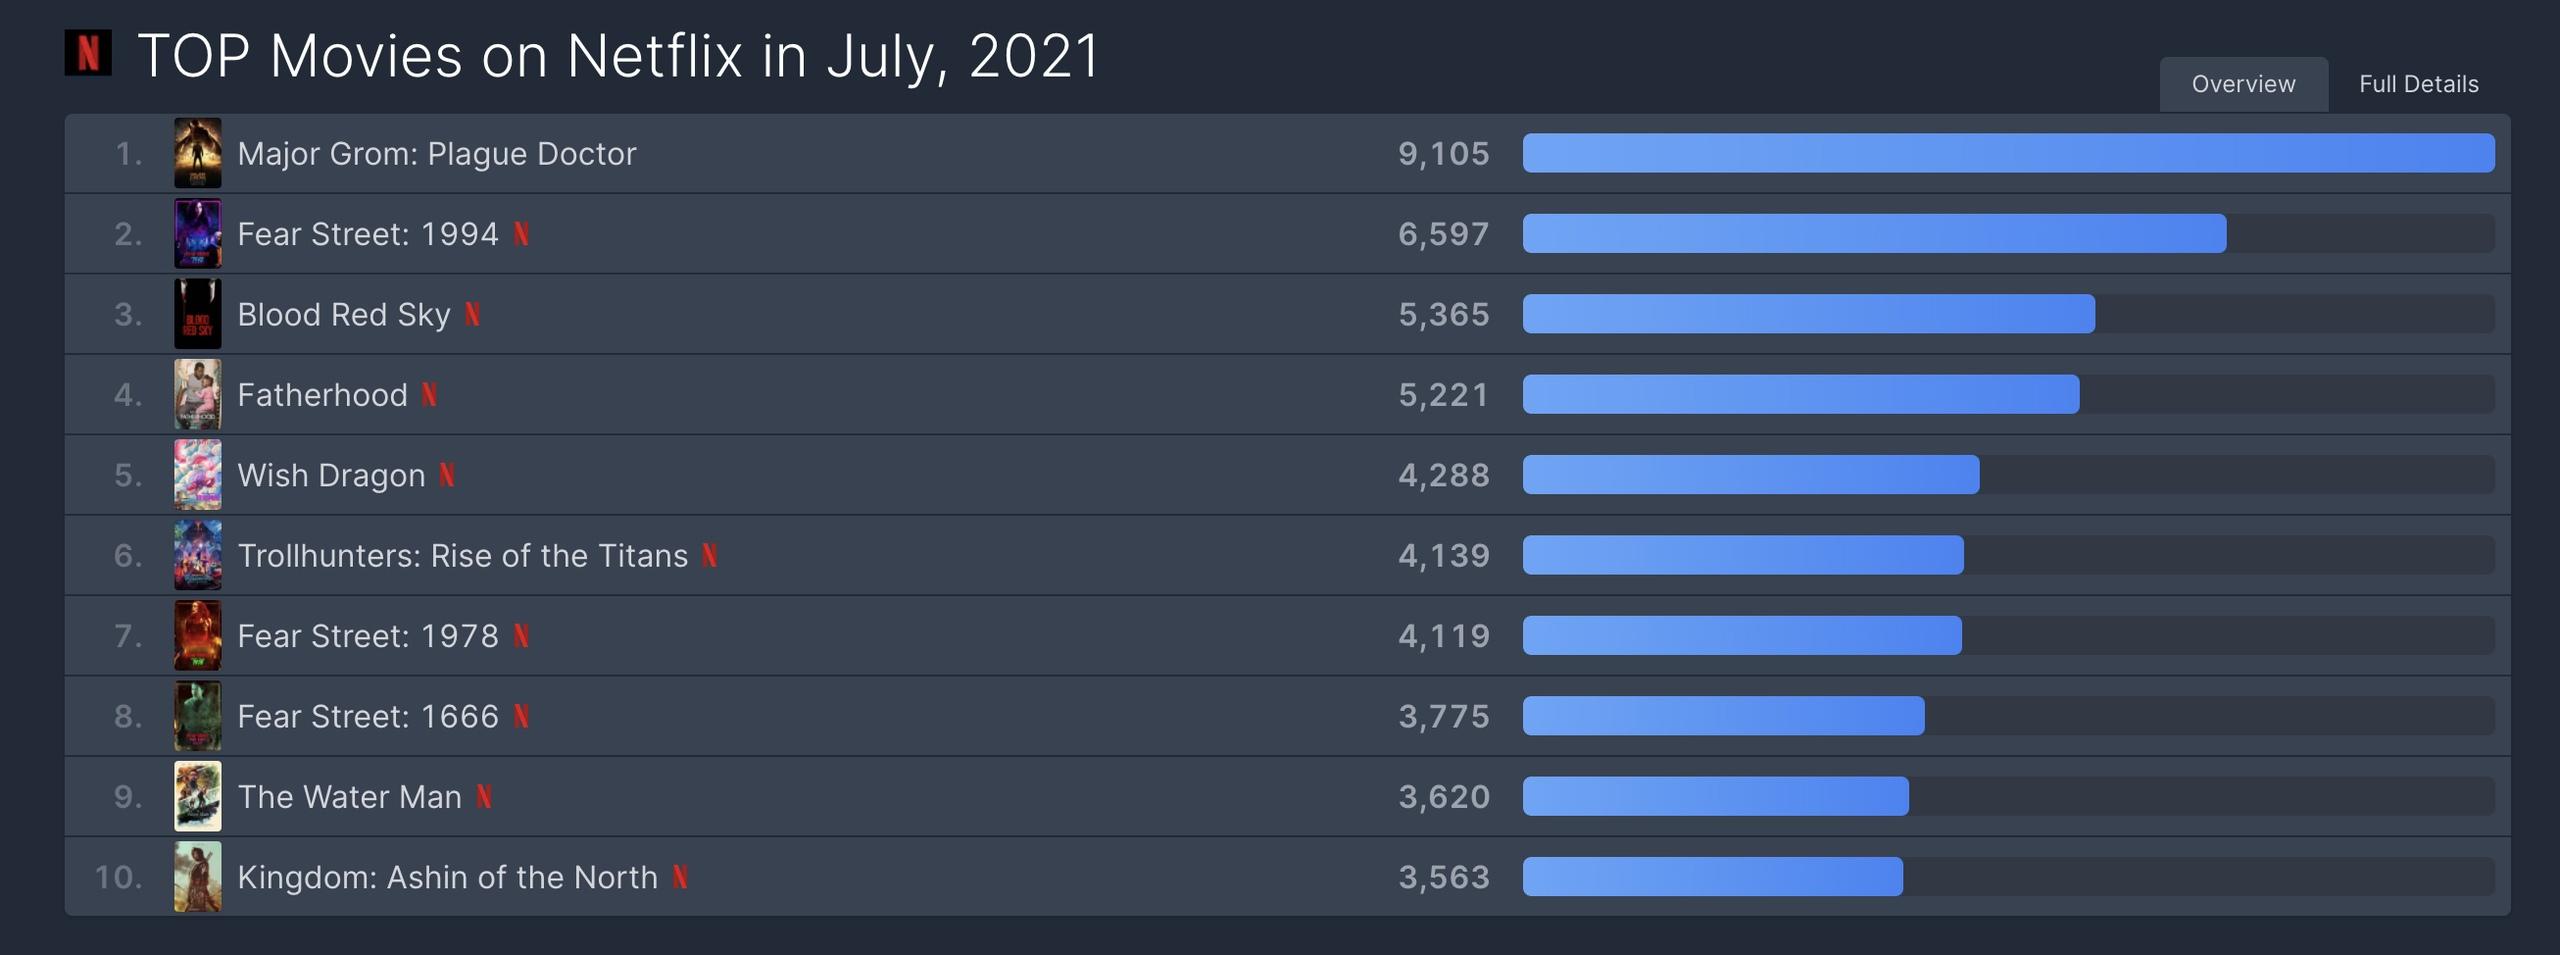 Ждем сиквел - «Майор Гром: Чумной доктор» показал отличные результаты на Netflix